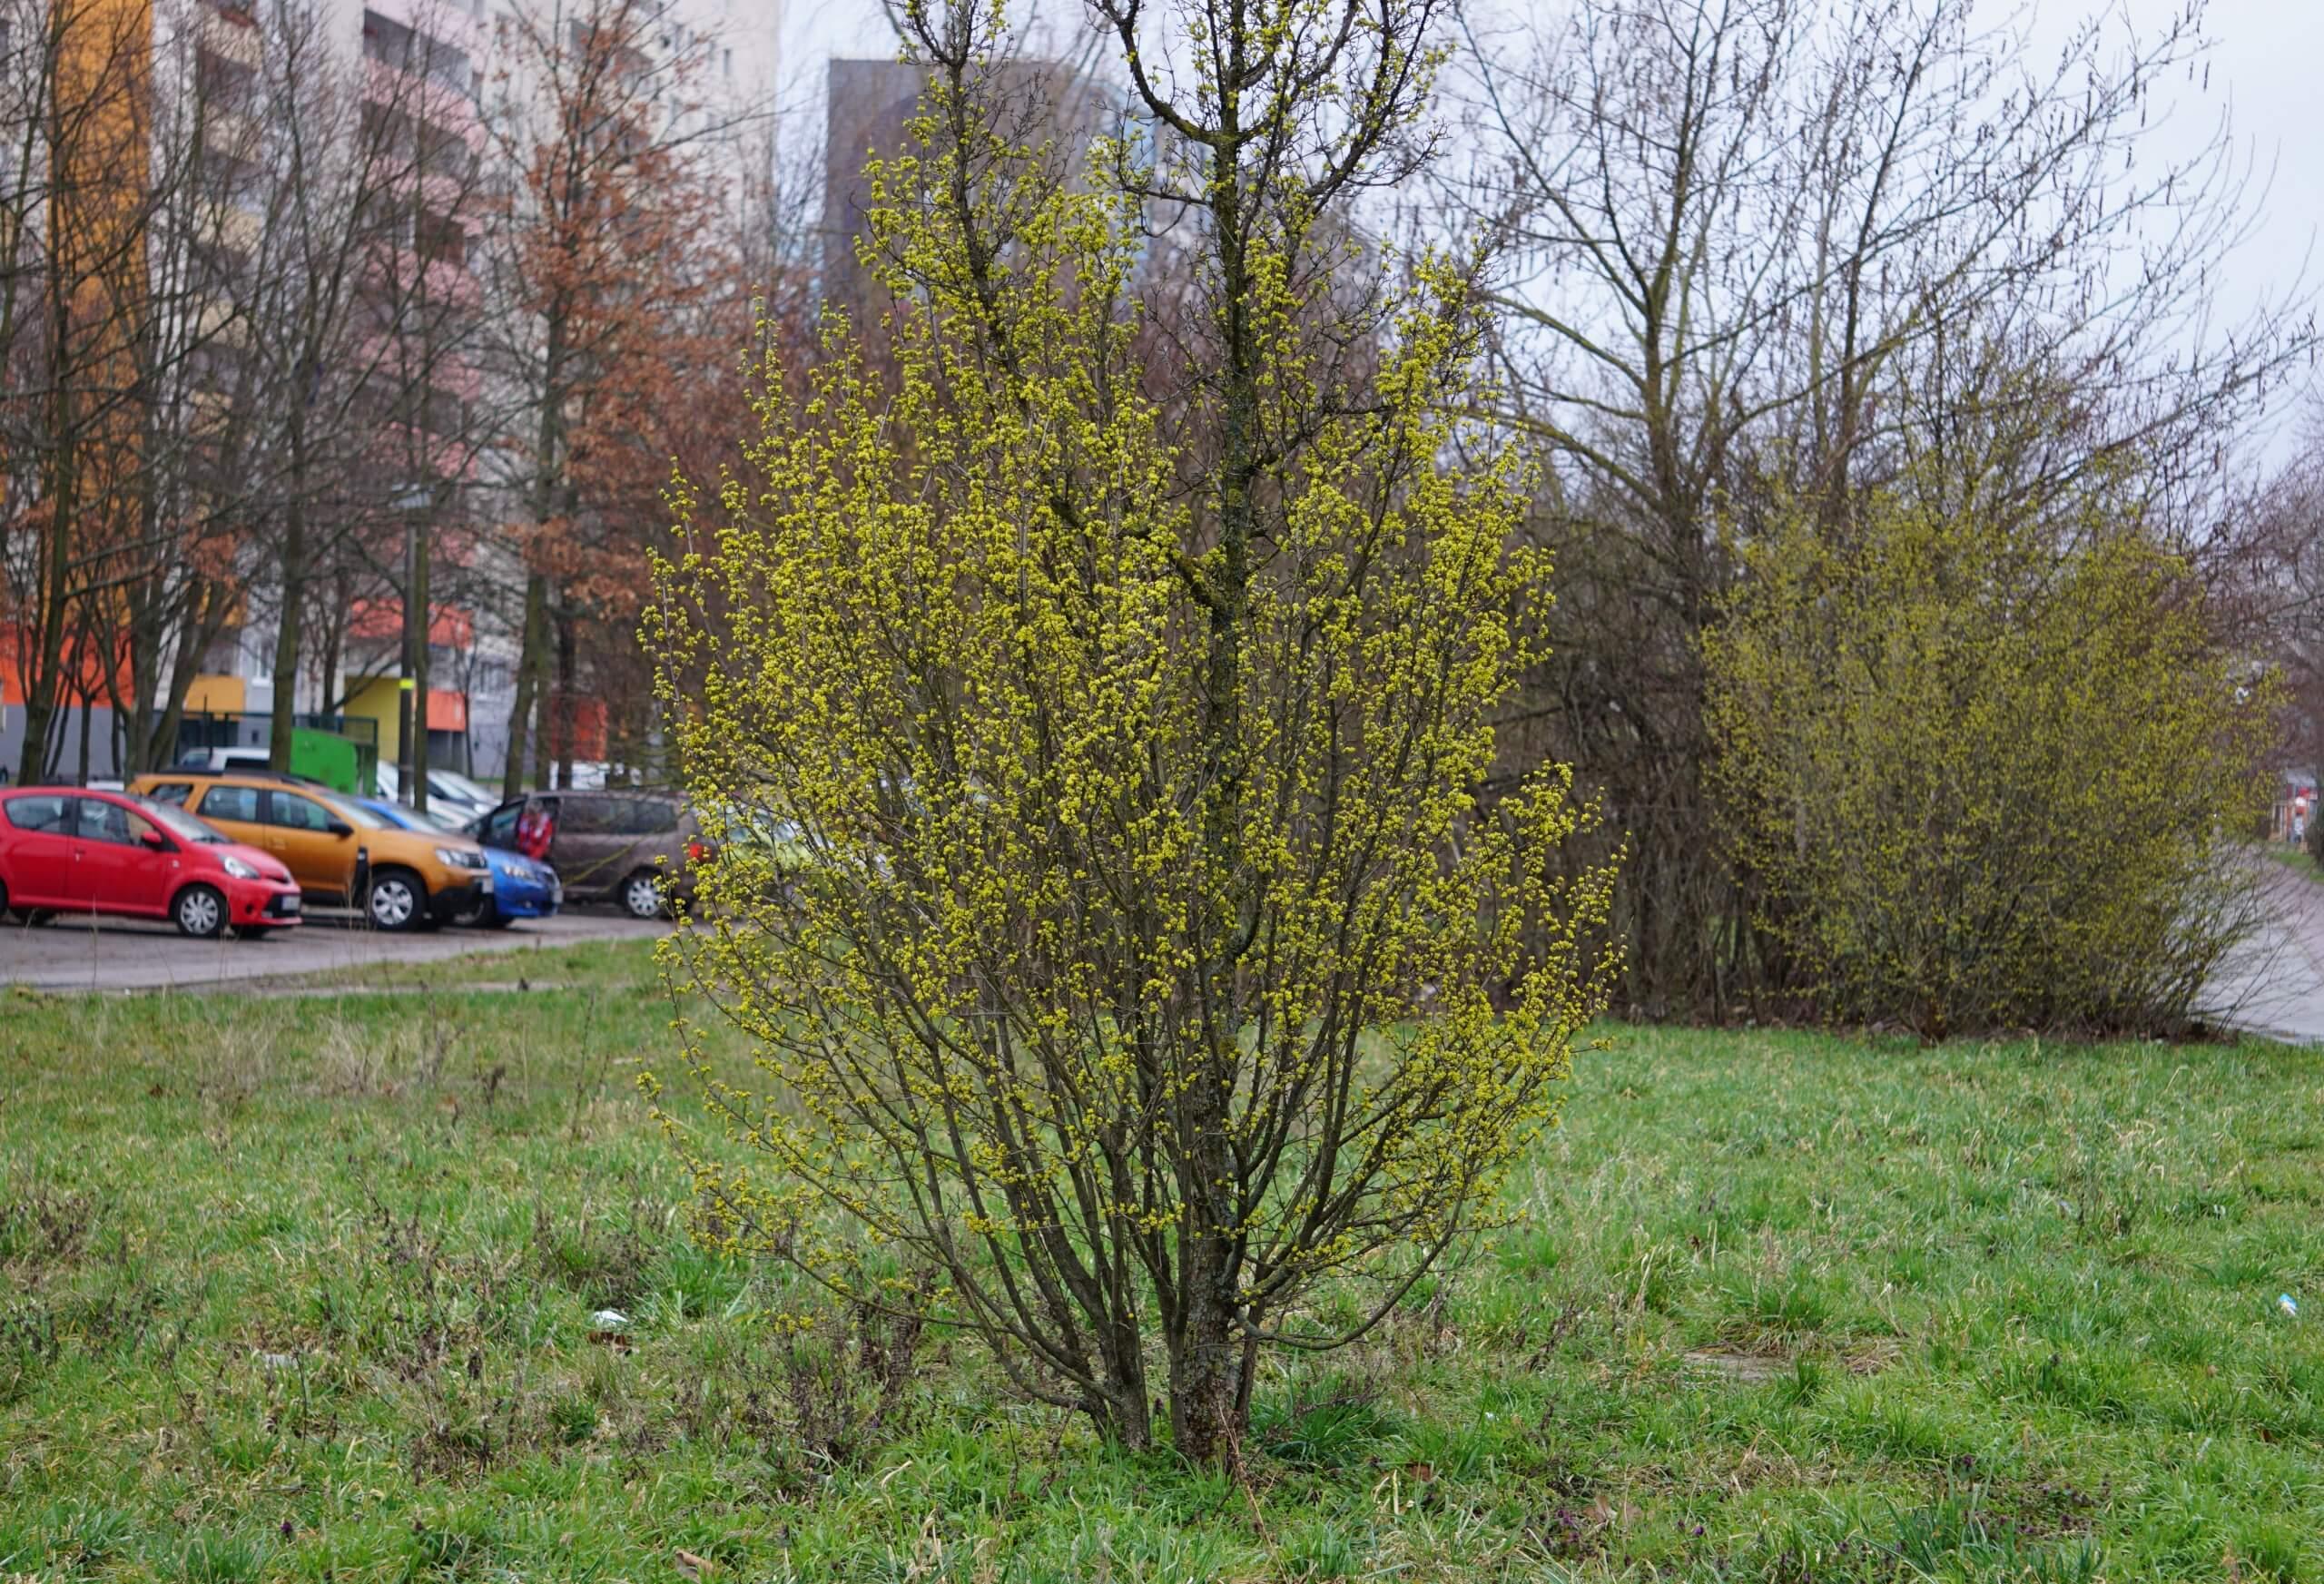 Das Bild zeigt blühende Sträucher der Kornelkirsche an der Ecke Schönefelder Chaussee / Venusstraße, Mitte März 2021.